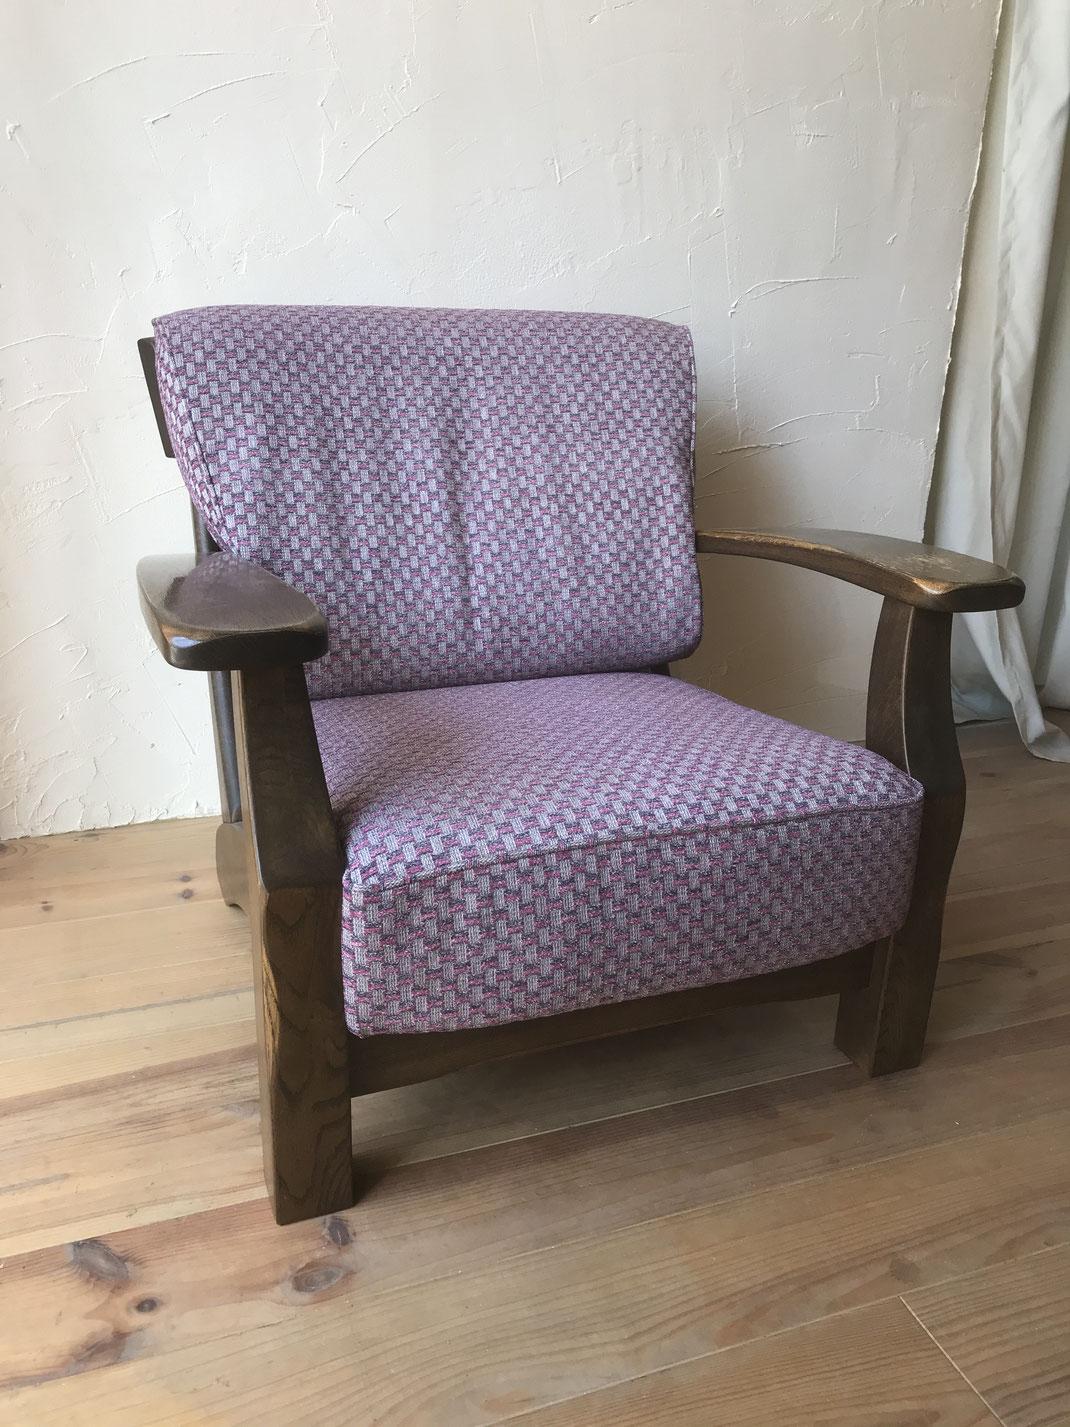 肘掛椅子張替え修理後